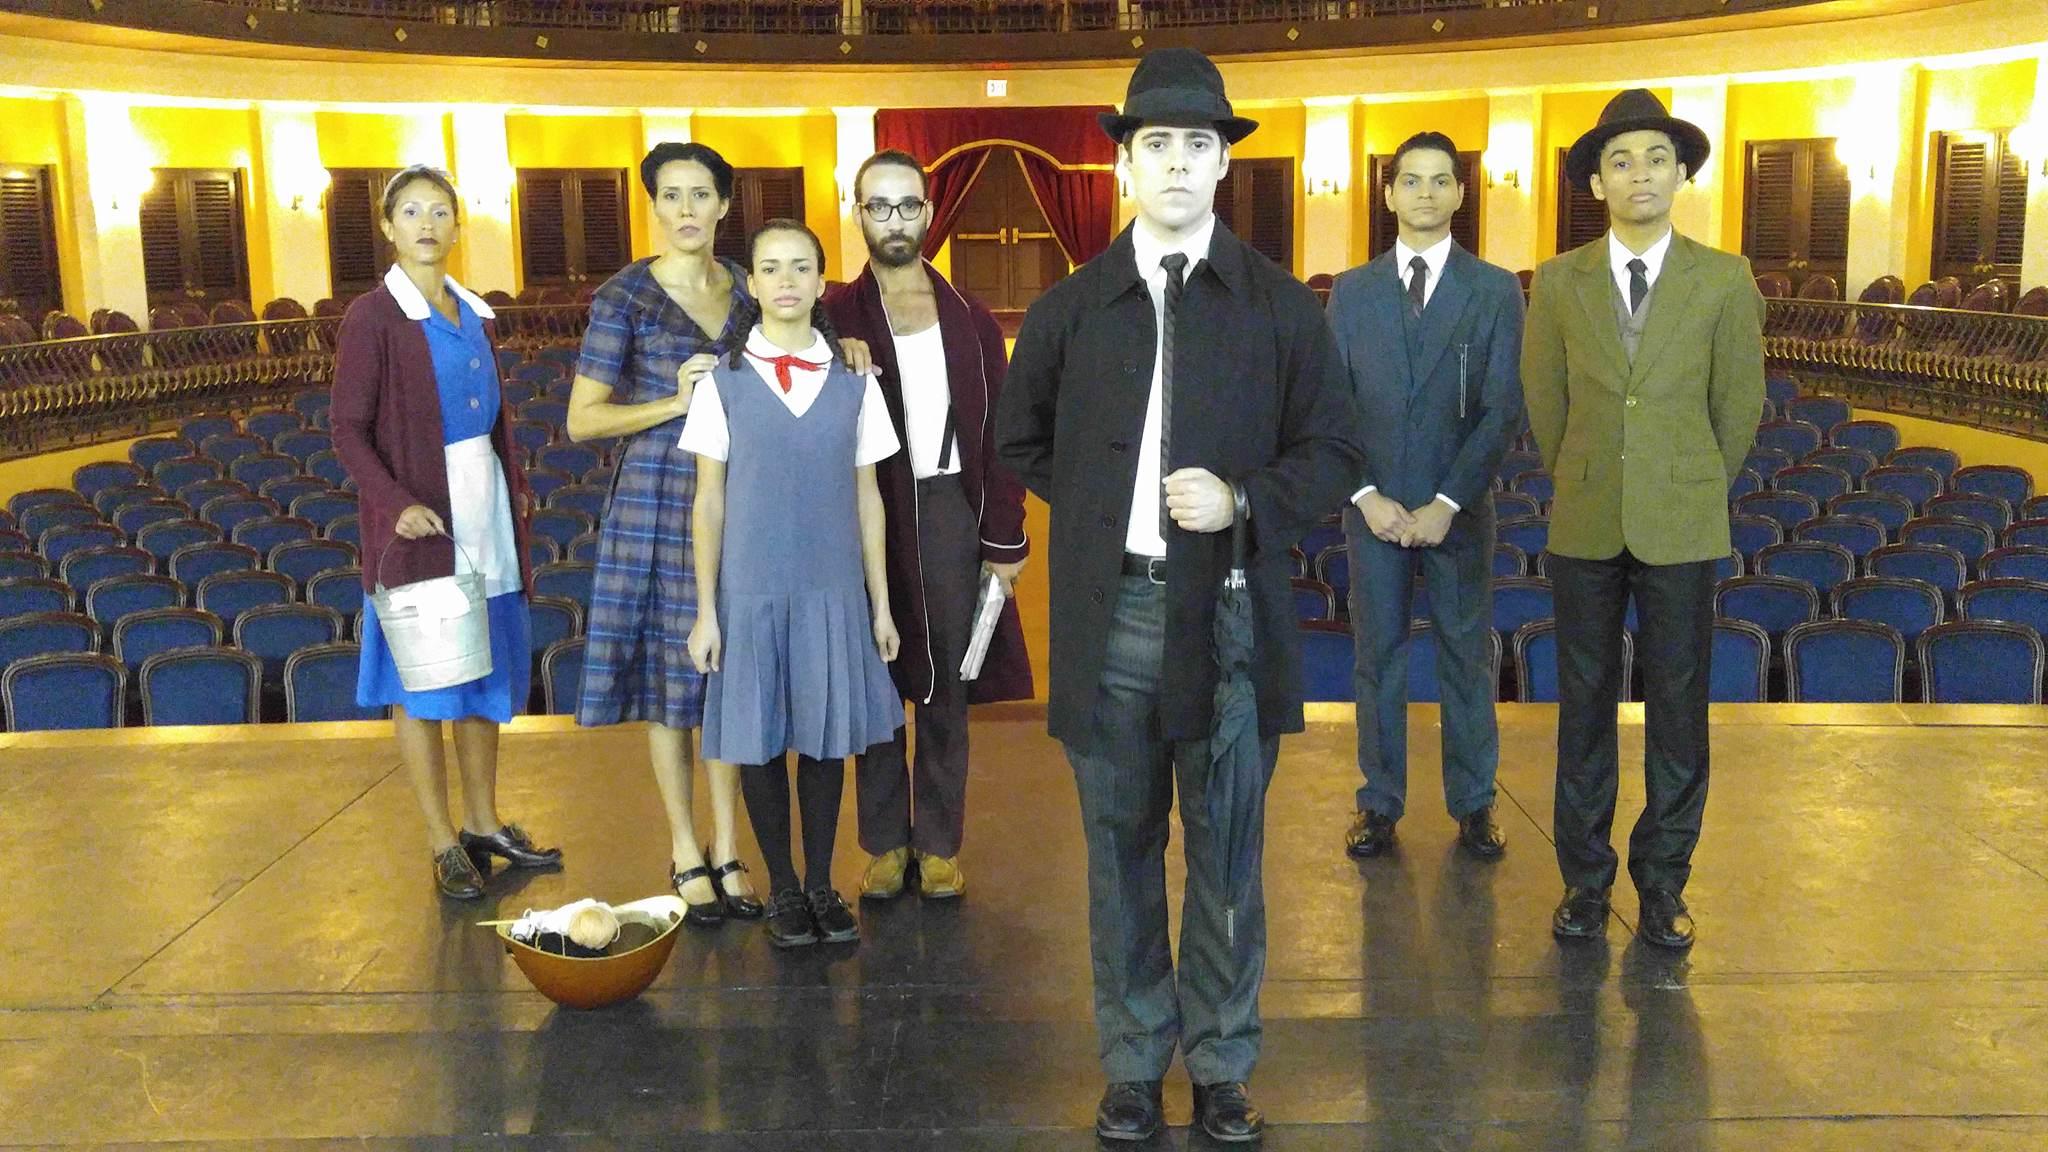 El Taller de Teatro Físico Polimnia presentó recientemente La Metamorfosis. (Foto Iván Olmo)